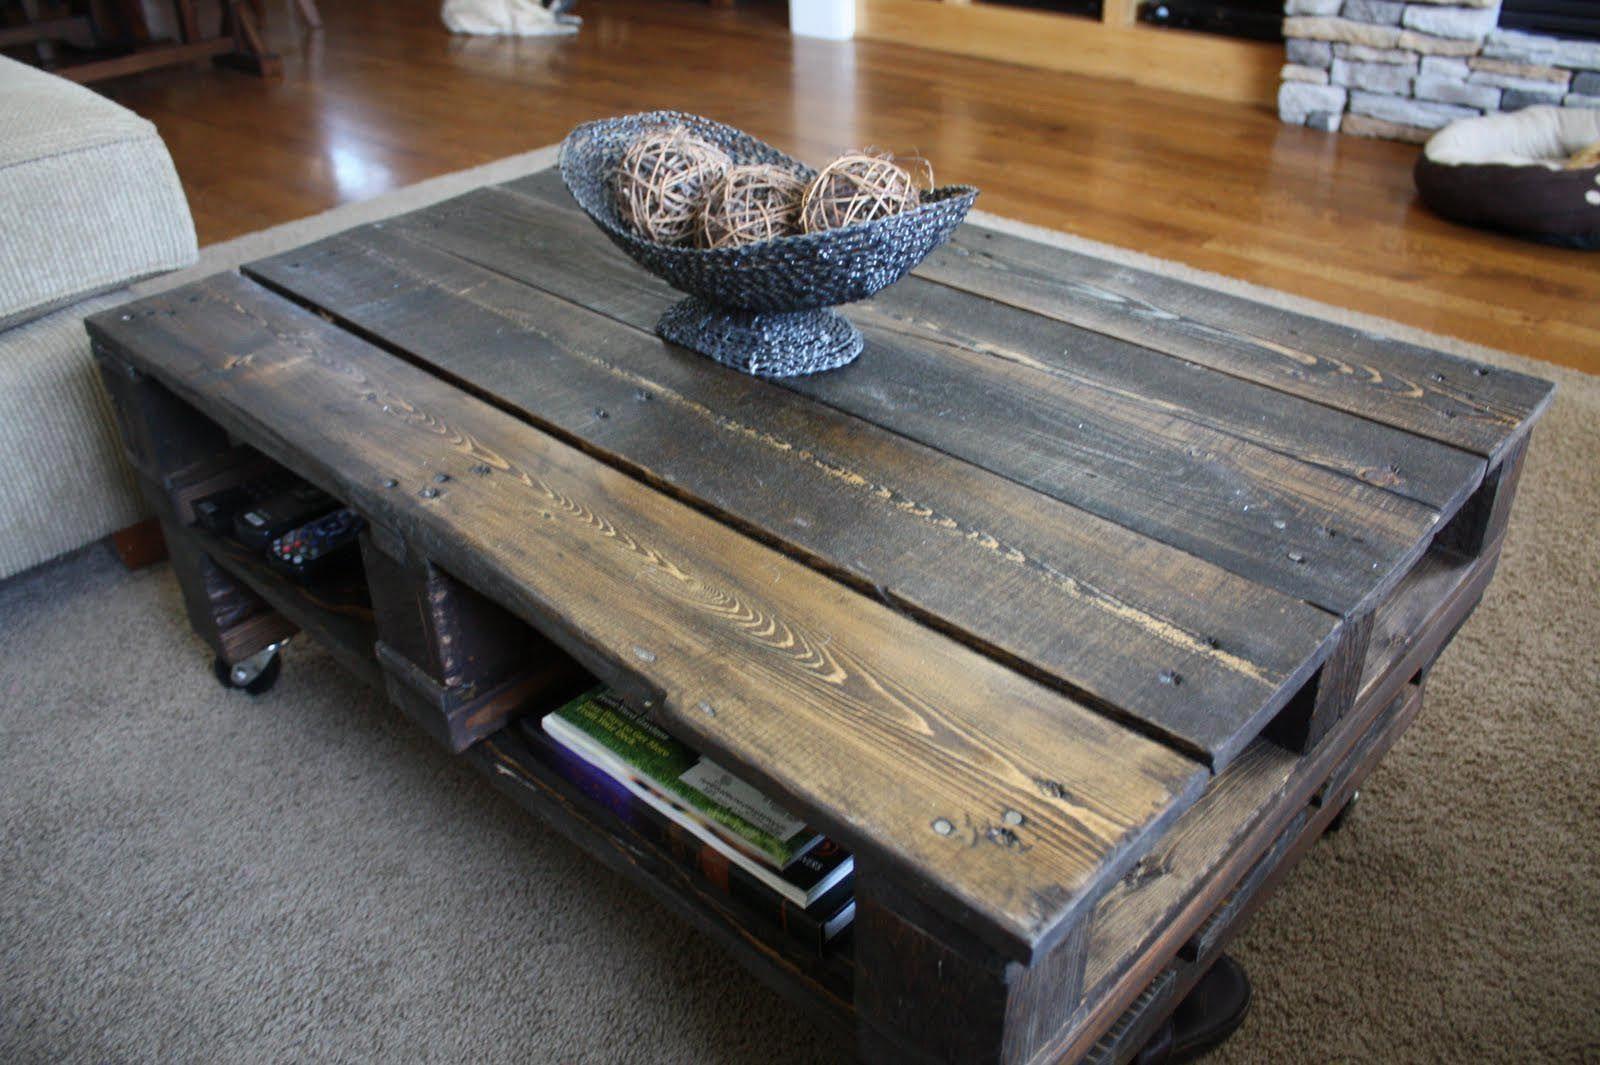 Muebles Collection Rey De Estar Sofas Dormitorios Comedor Al Aire Libre Y Gratis Inic Homemade Coffee Tables Wood Coffee Table Rustic Rustic Coffee Tables [ 1065 x 1600 Pixel ]